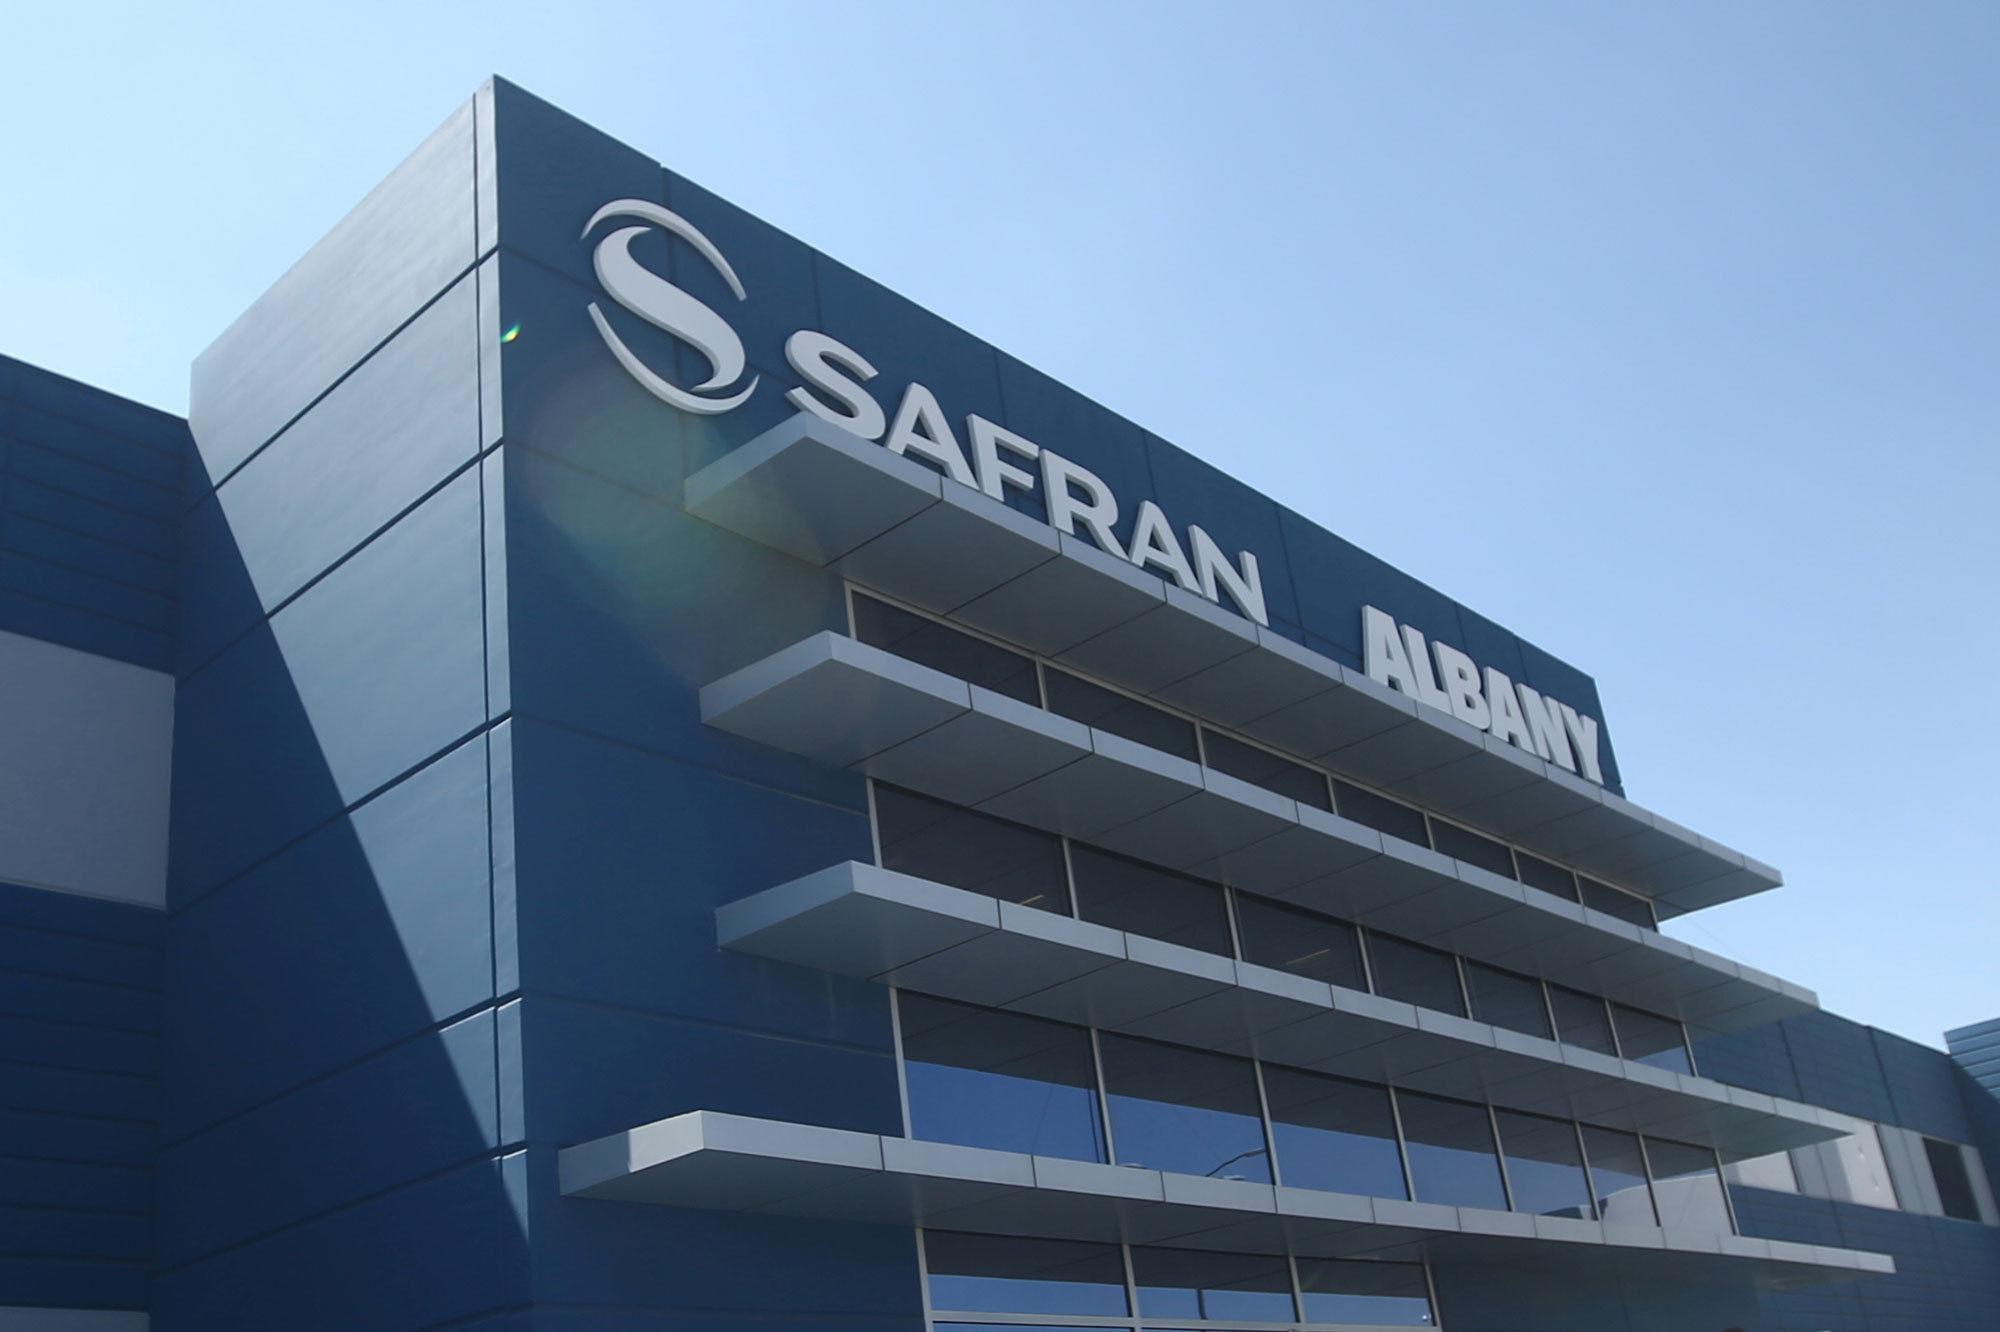 Inde: le groupe français Safran décroche un contrat de 12 milliards d'euros avec la compagnie aérienne SpiceJet